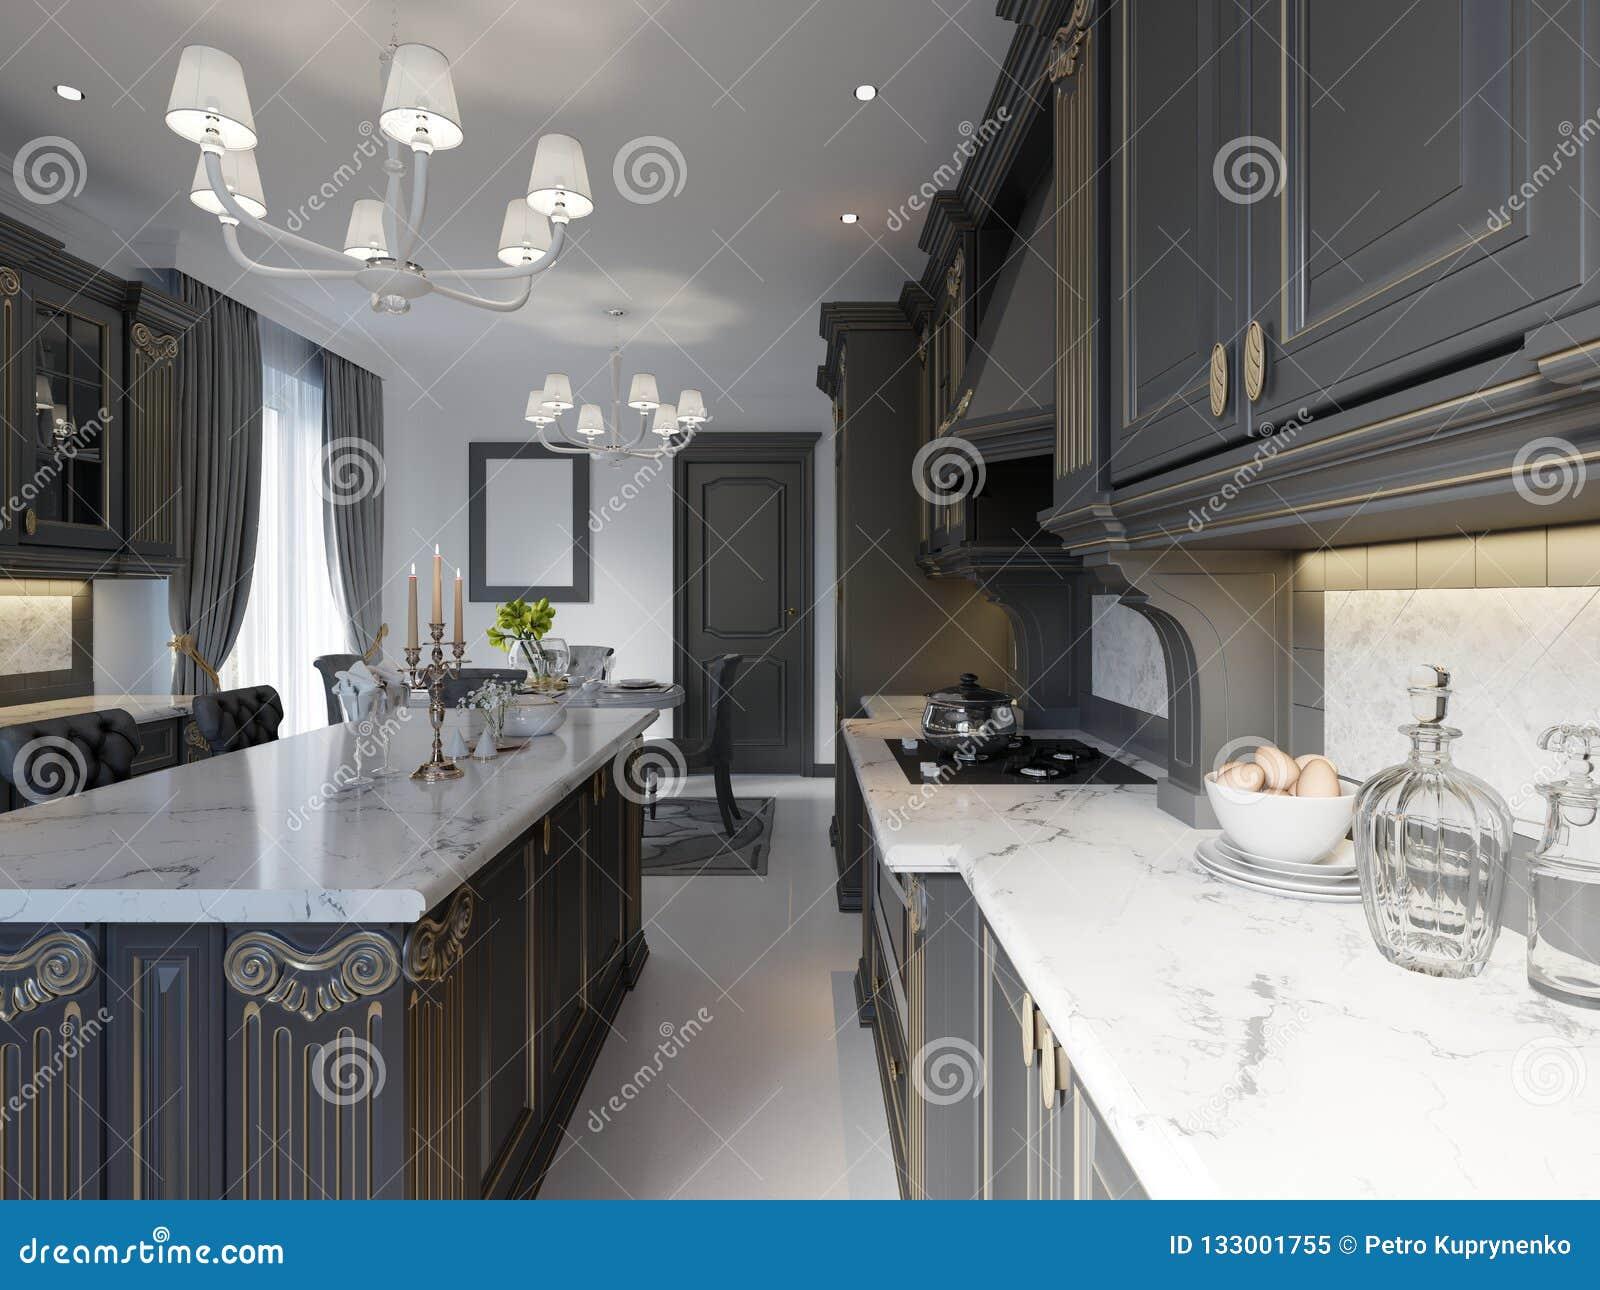 Diseño Interior De La Cocina Clásica Inglesa Moderna Del Estilo Con ...